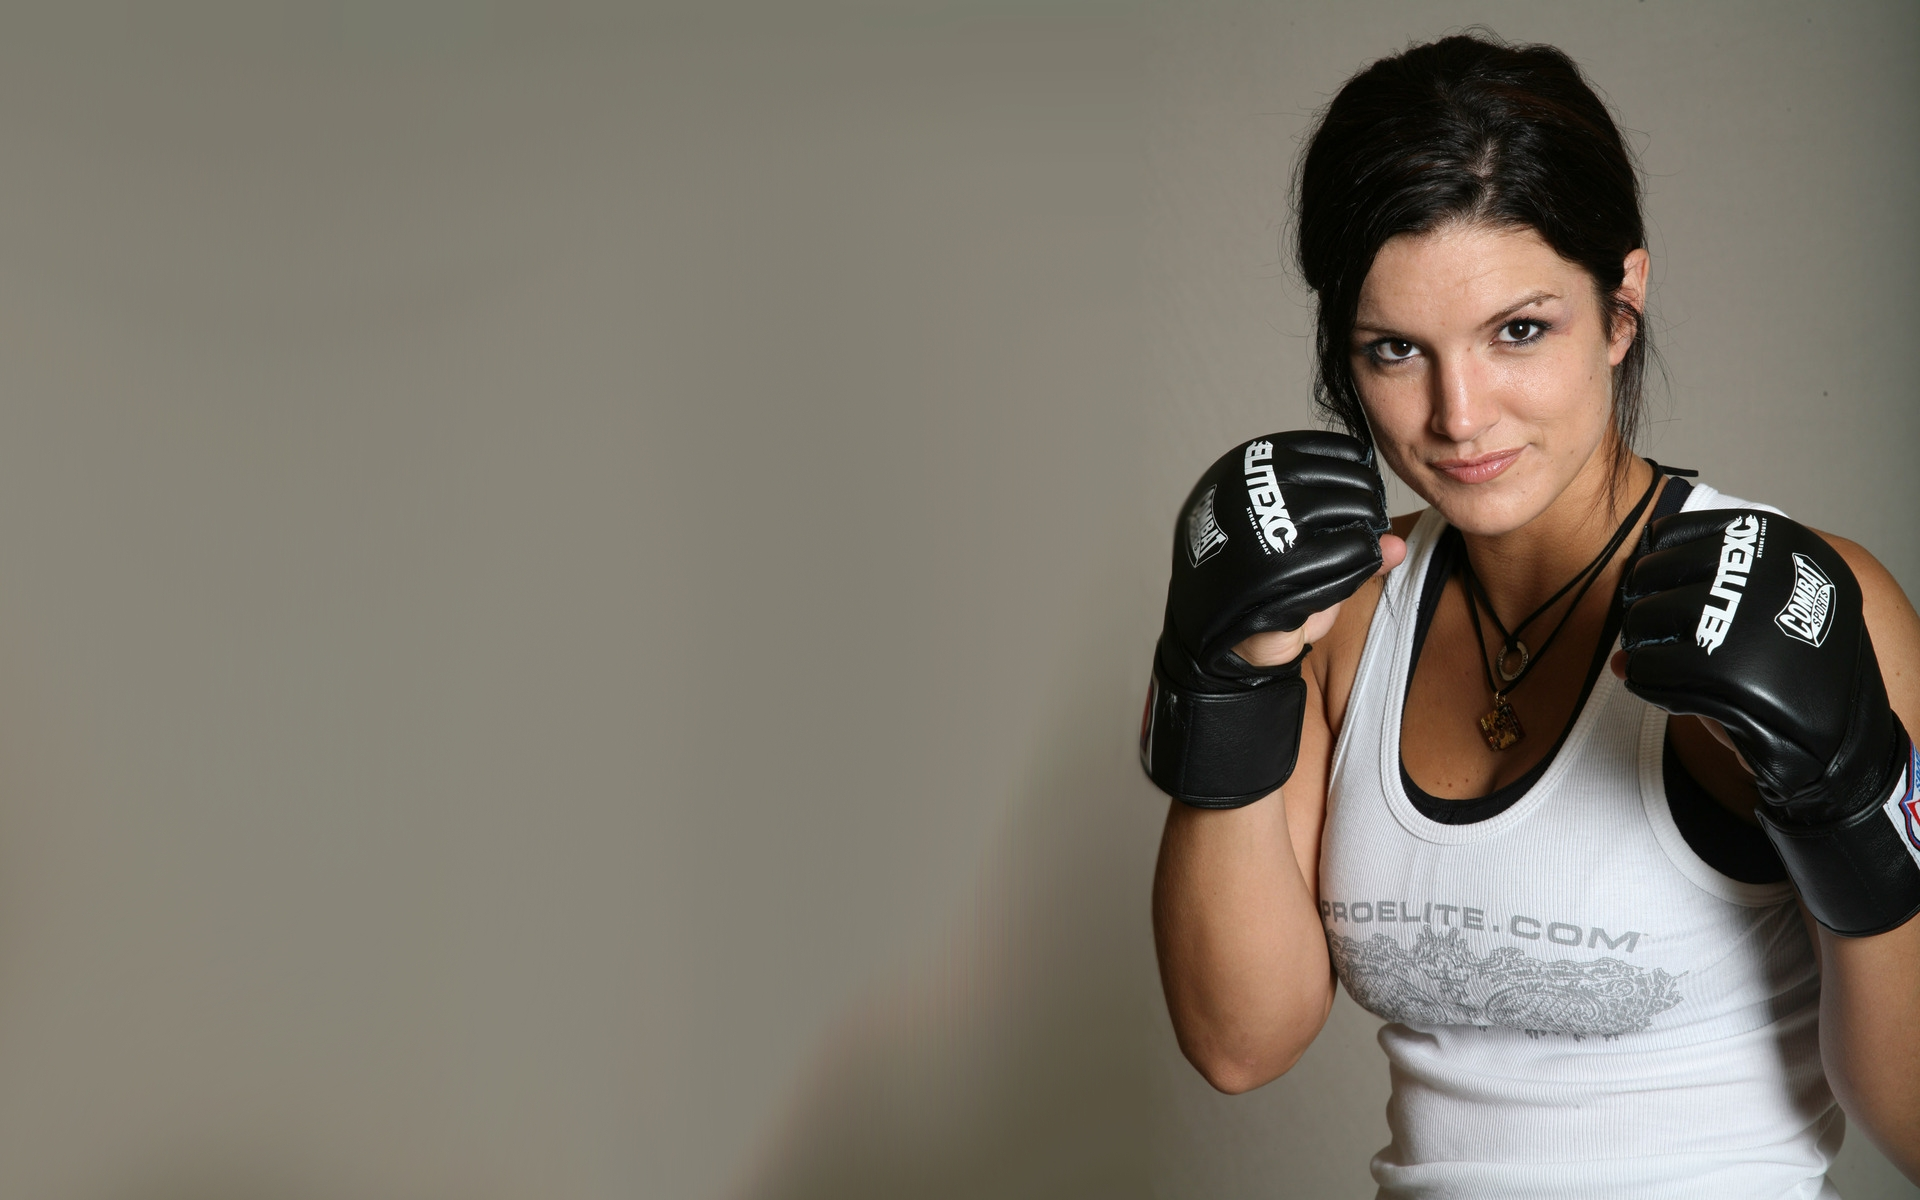 Gina Carano con guantes de box - 1920x1200